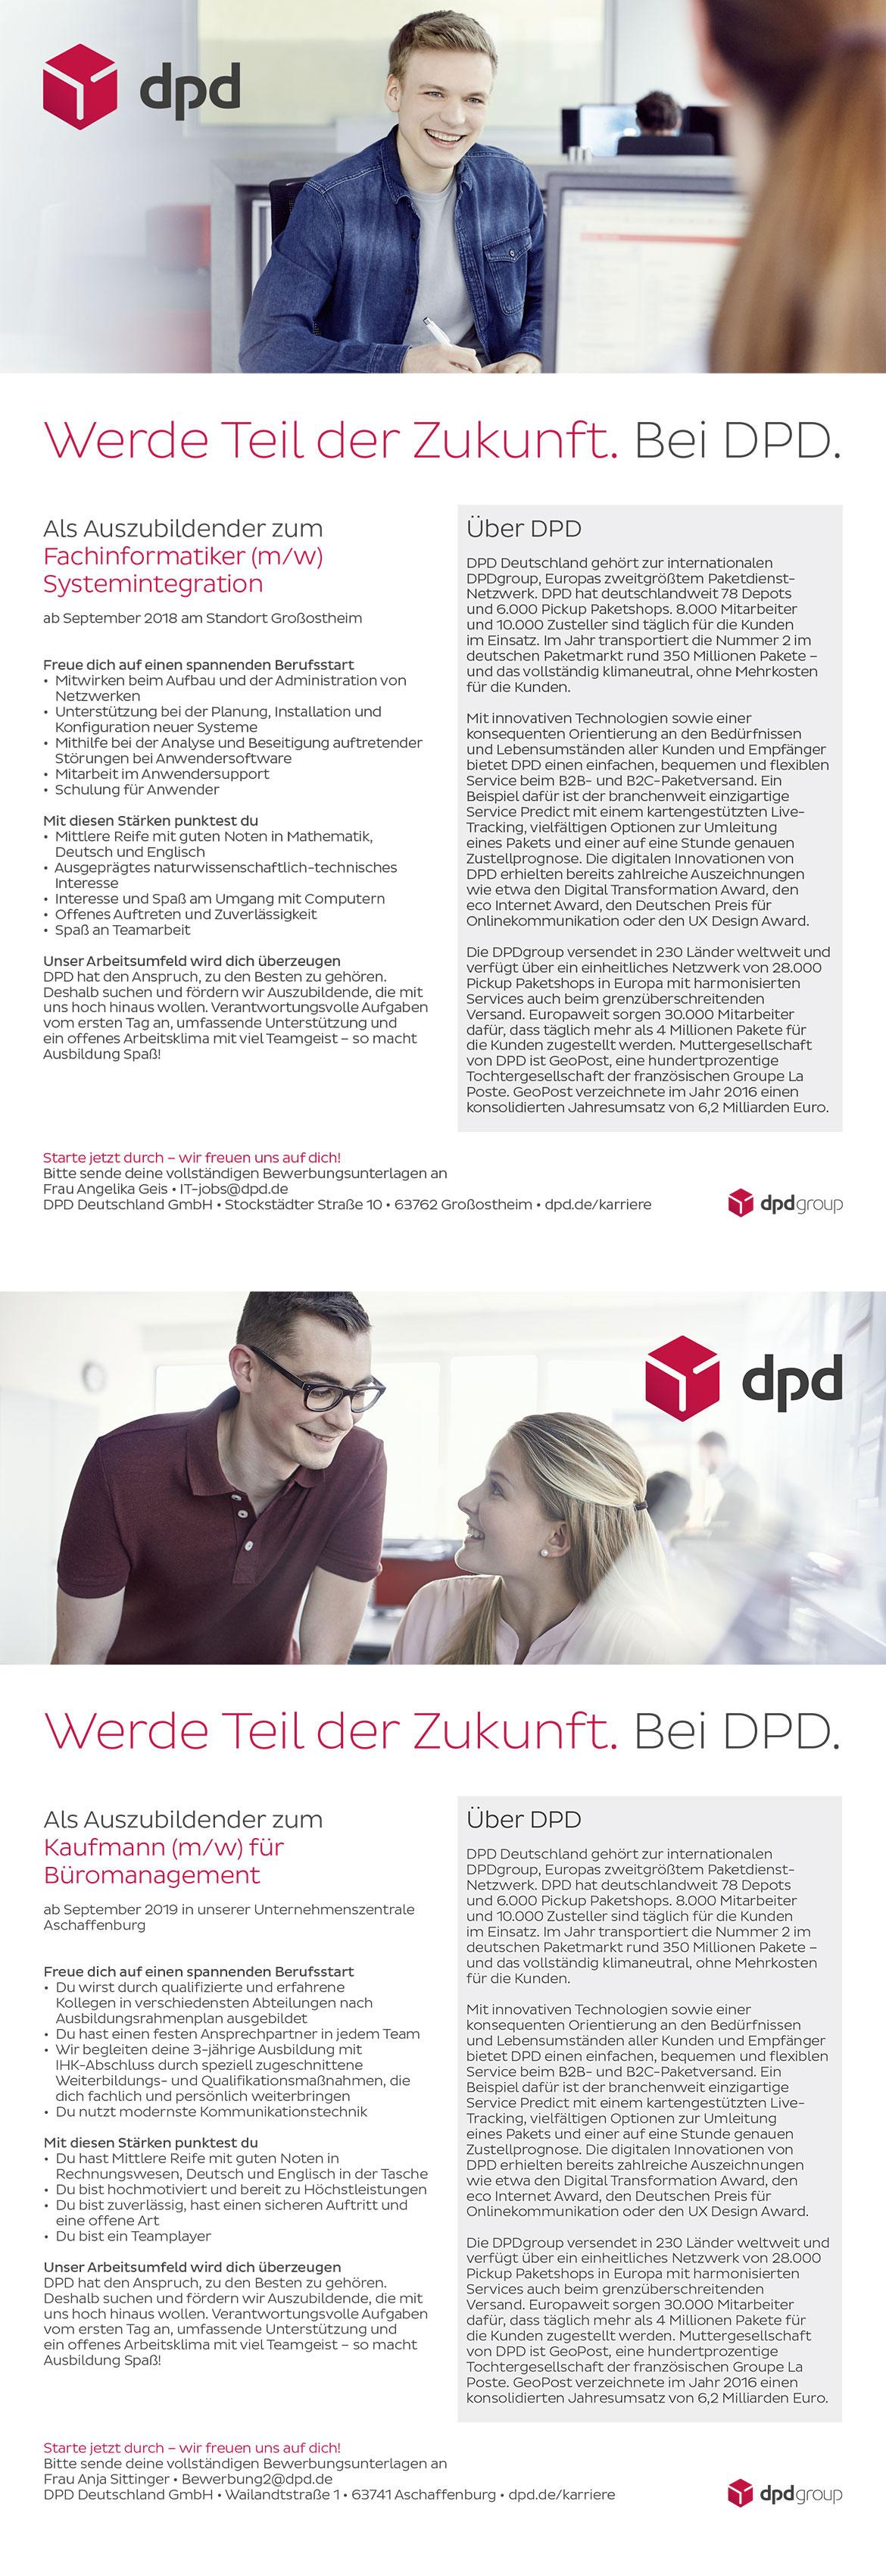 Ausbildungsplakat: DPD Deutschland GmbH